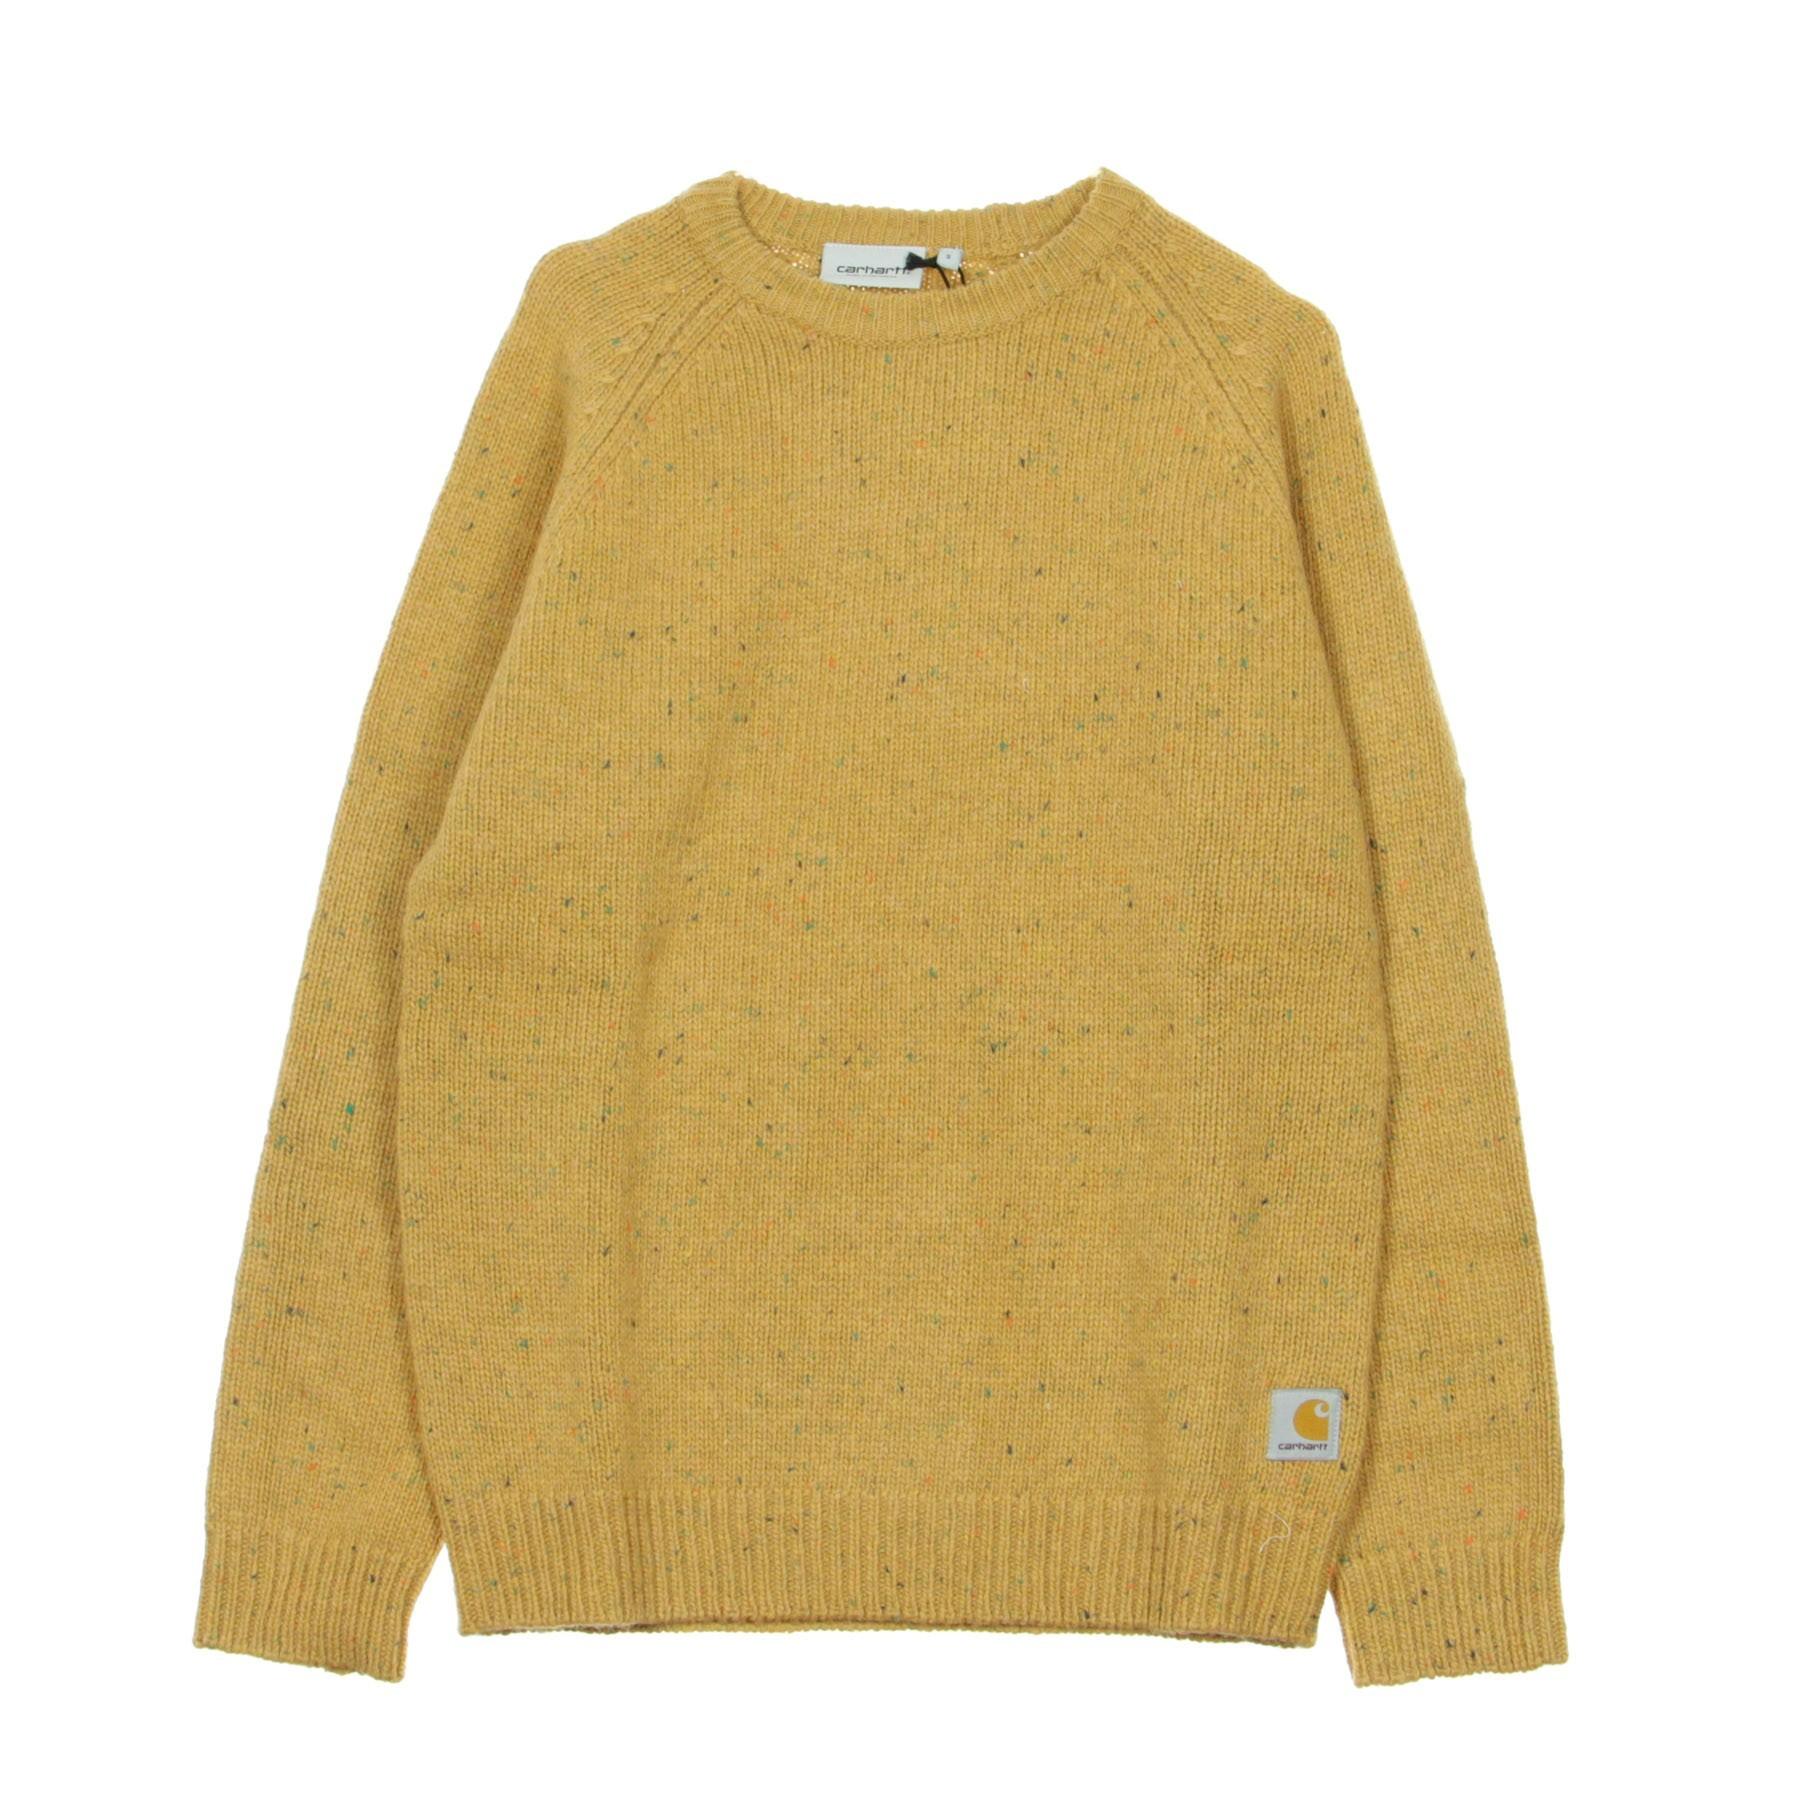 Fawn Anglistic Fawn Anglistic Heather Maglione Heather Sweater Anglistic Maglione Sweater Sweater Maglione c1FJlK